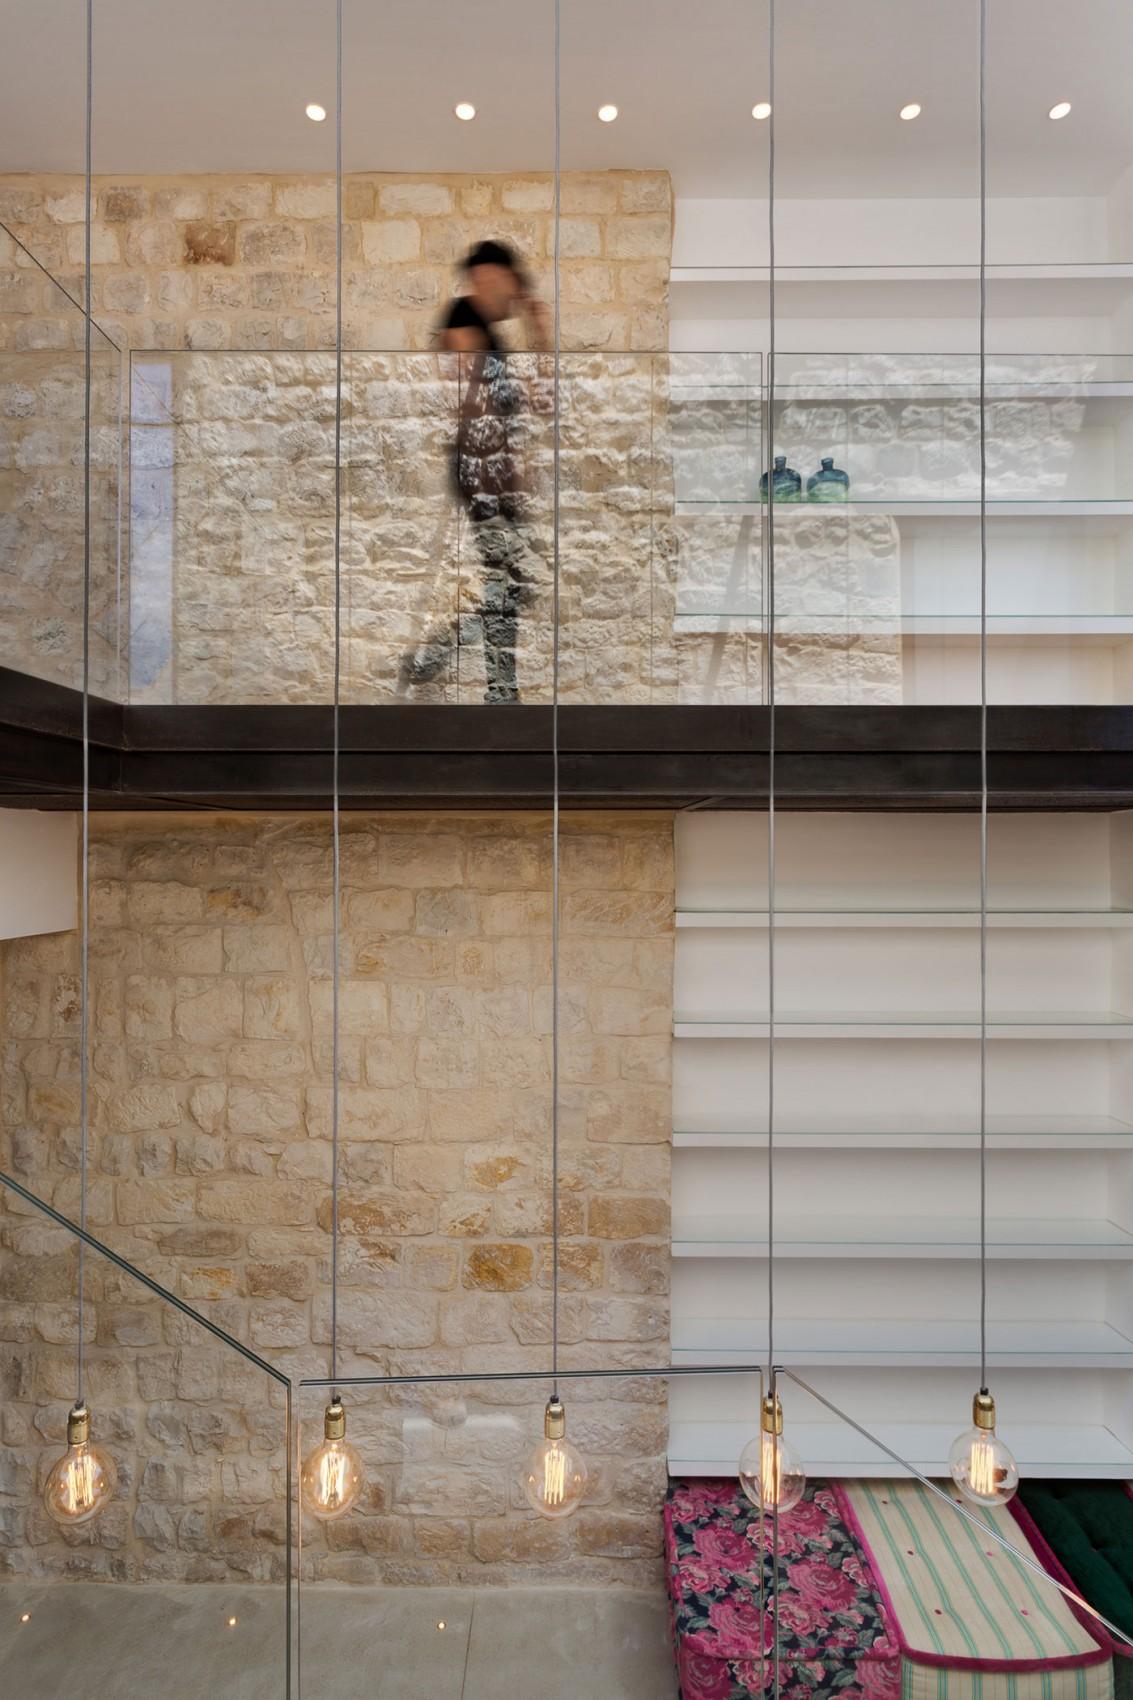 kamena-kuca-by-henkin-shavit-architecture-10